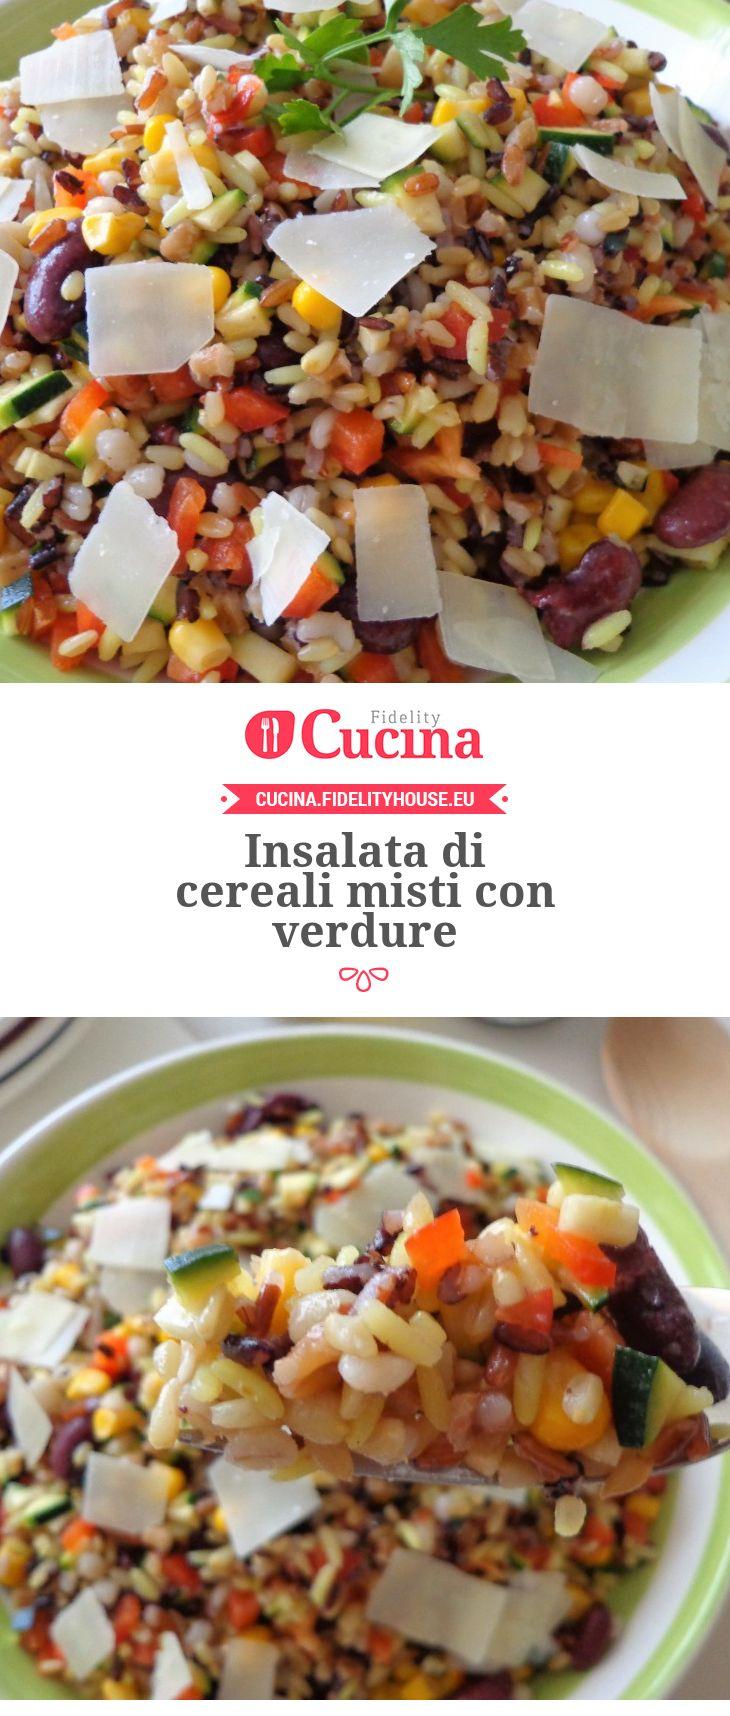 Insalata di cereali misti con verdure della nostra utente Magdalena. Unisciti alla nostra Community ed invia le tue ricette!